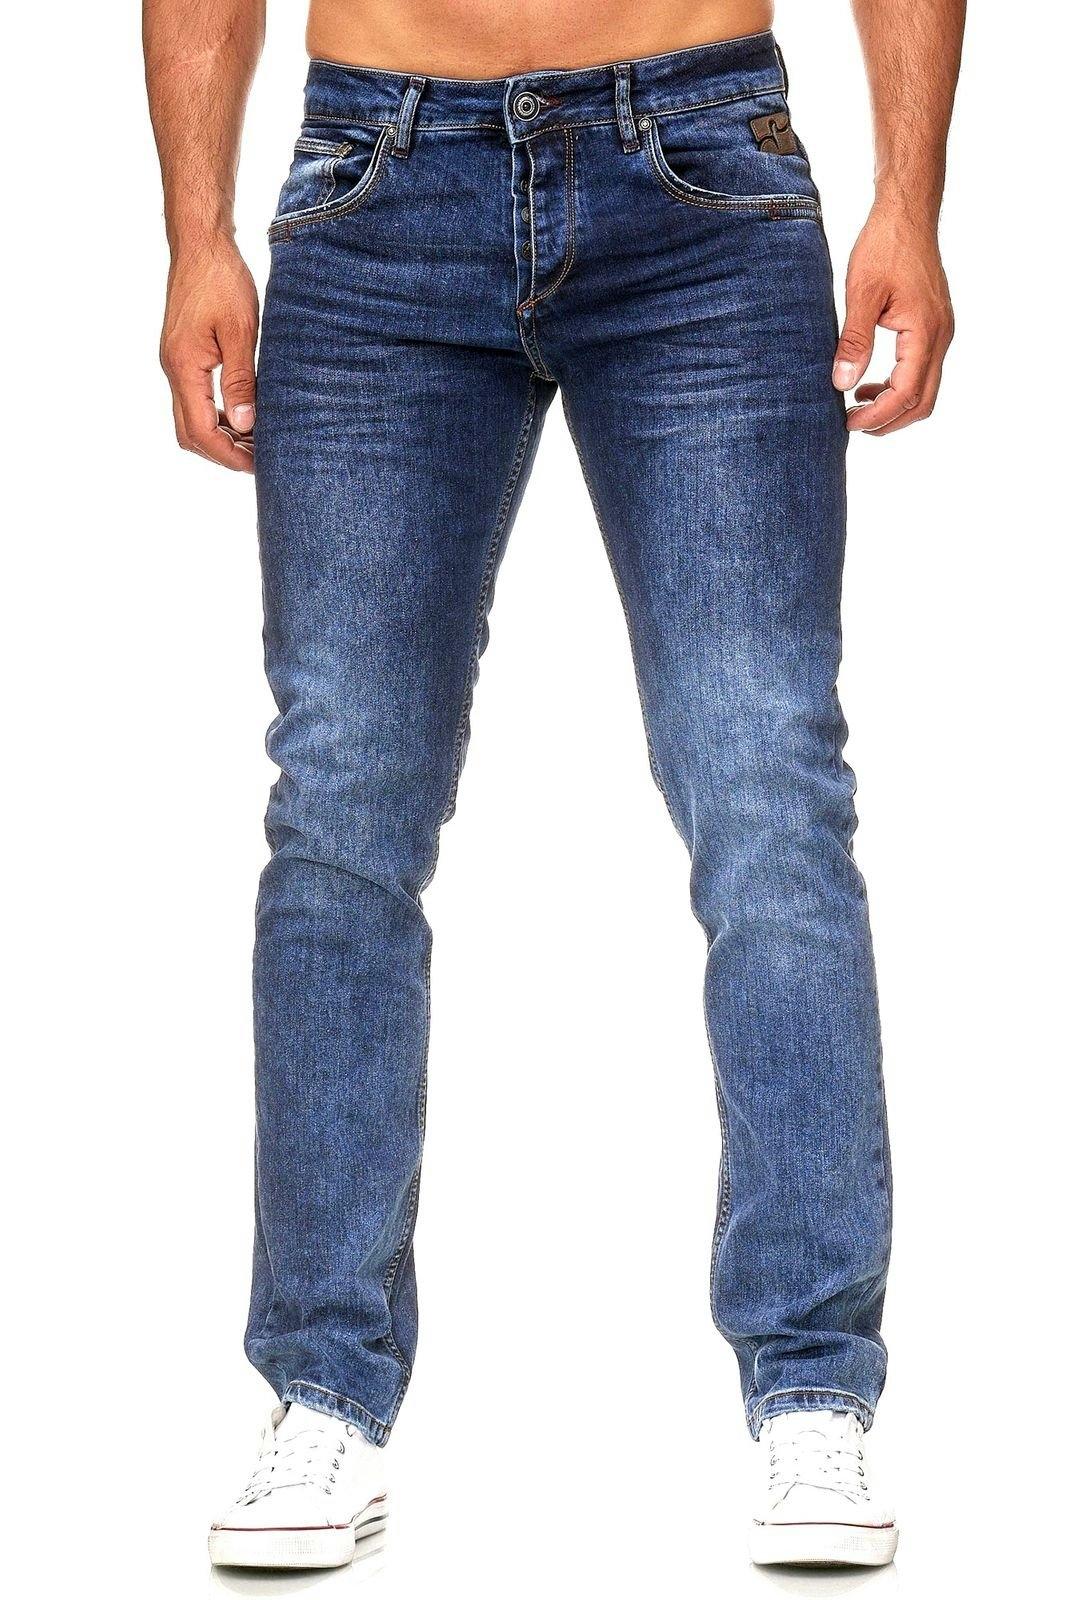 Rusty Neal Jeans voordelig en veilig online kopen